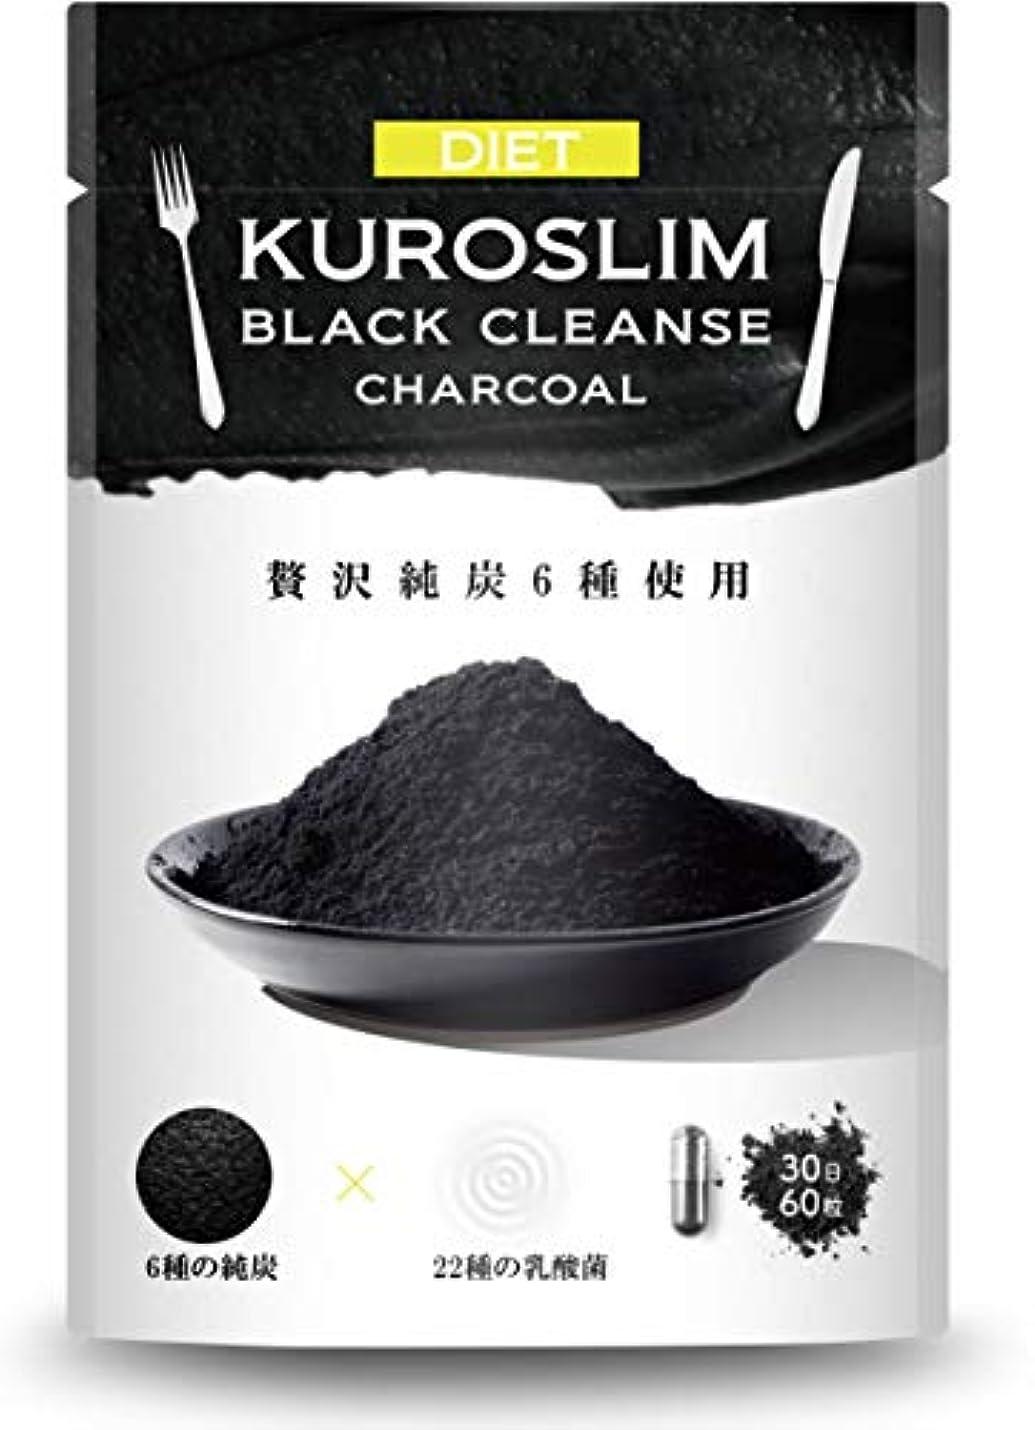 ネクタイバット可動式炭ダイエット サプリ KUROSLIM チャコール サプリメント 6種の純炭 60粒30日分